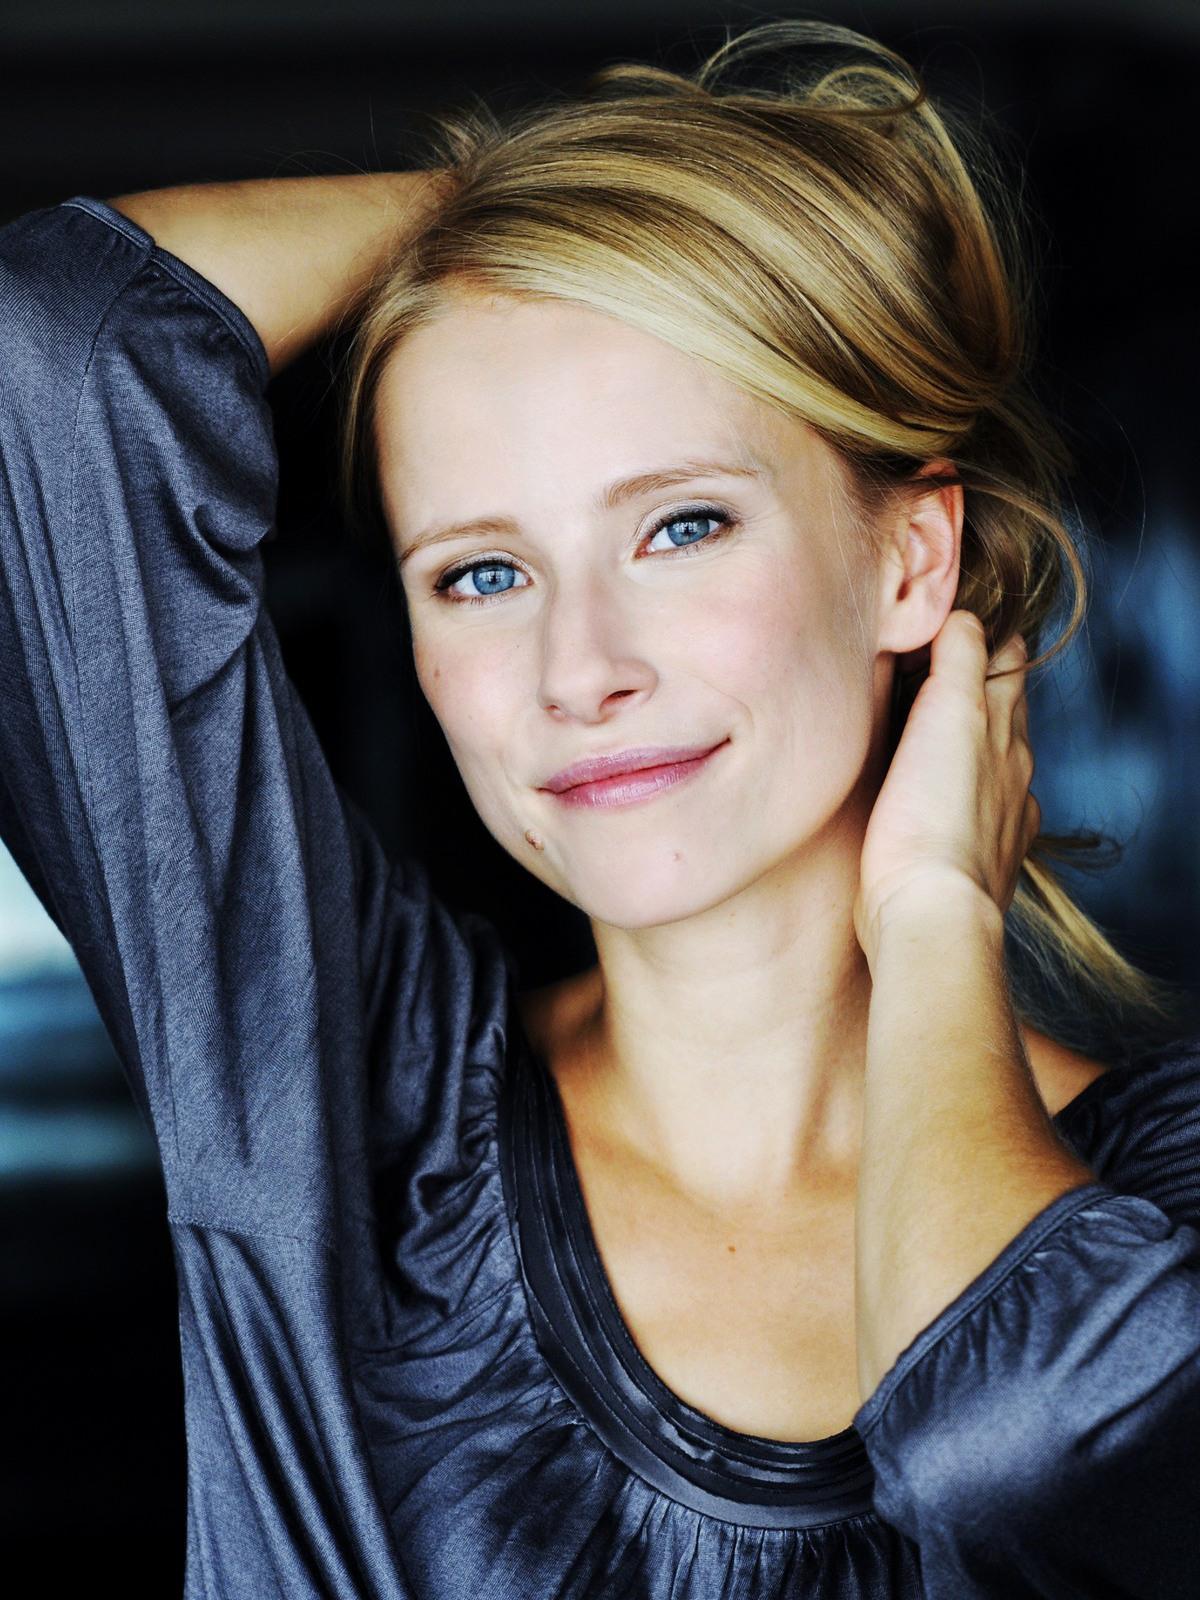 Poze Sandra Borgmann - Actor - Poza 15 din 18 - CineMagia.ro